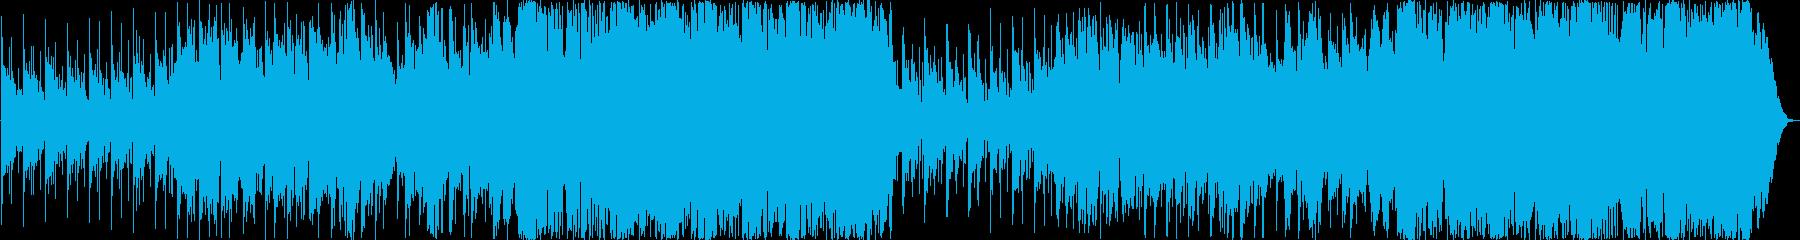 オーボエメインの爽やかポップスの再生済みの波形